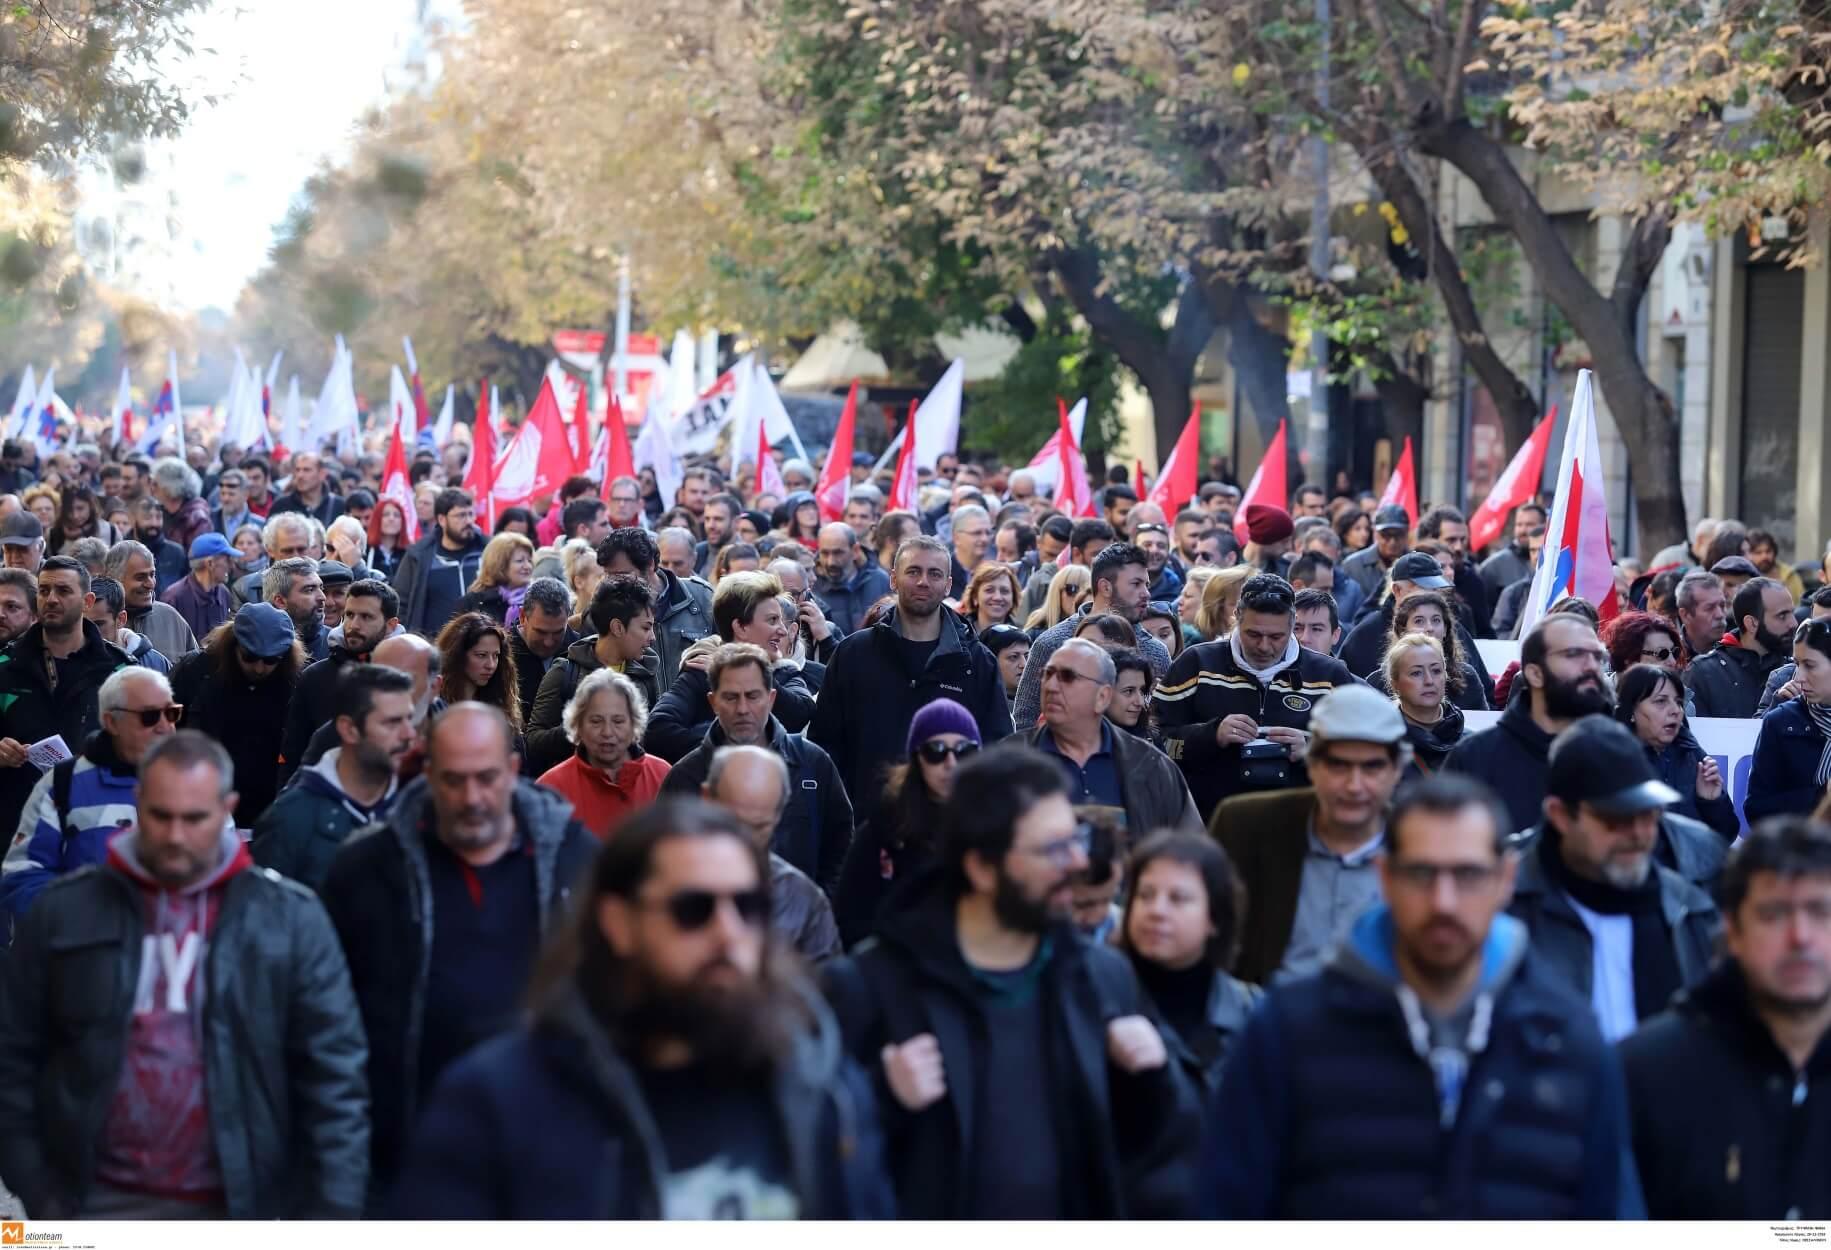 ΠΟΠΟΚΠ: Πανελλαδική 24ωρη απεργία και συλλαλητήριο στο κέντρο της Αθήνας